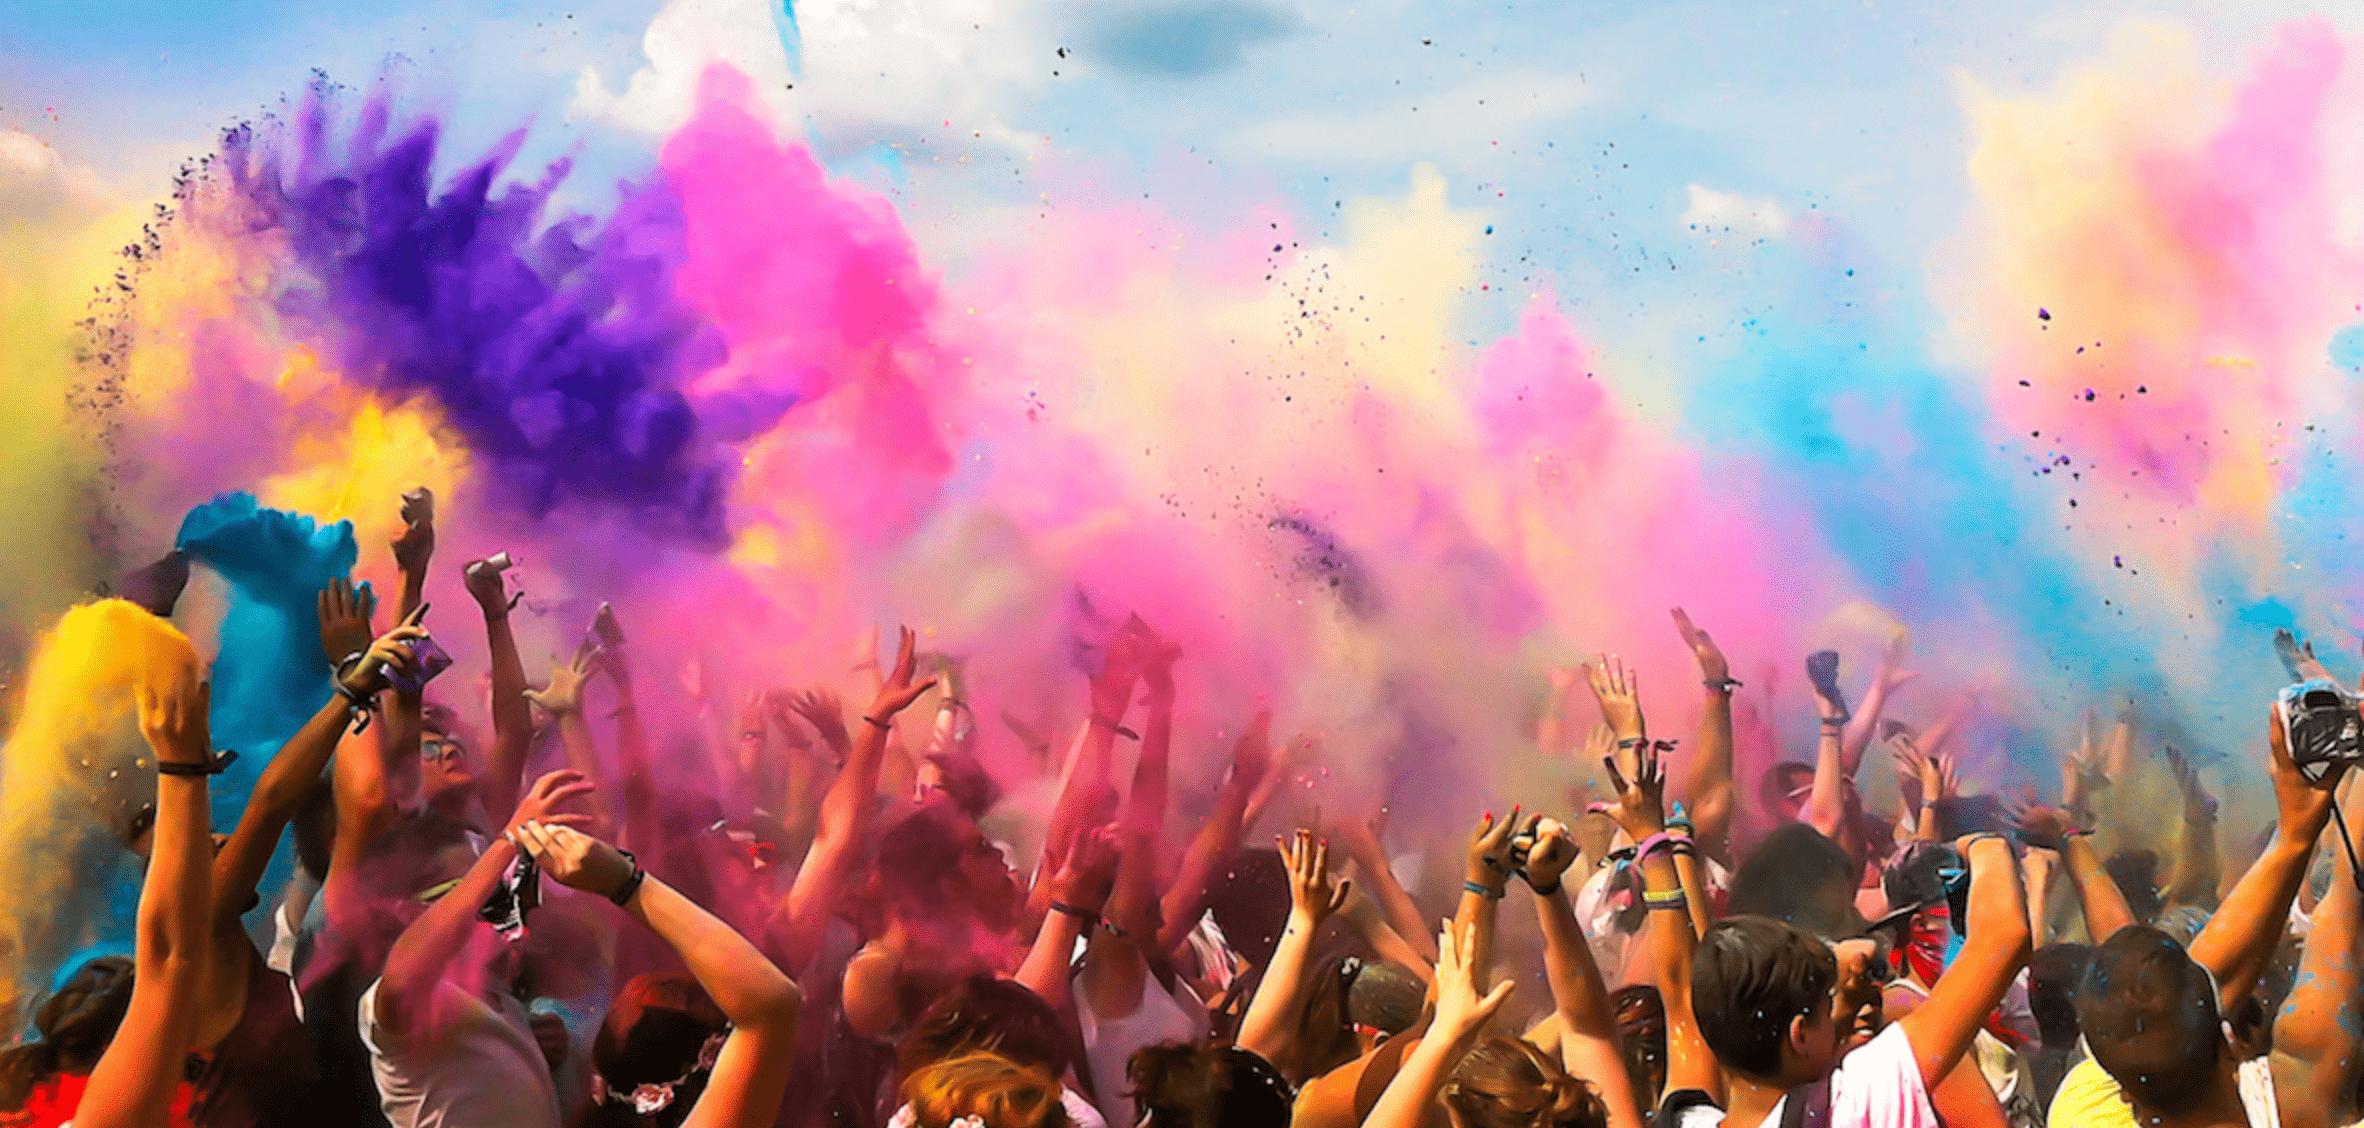 محل برگزاری فستیوال رنگ آنتالیا